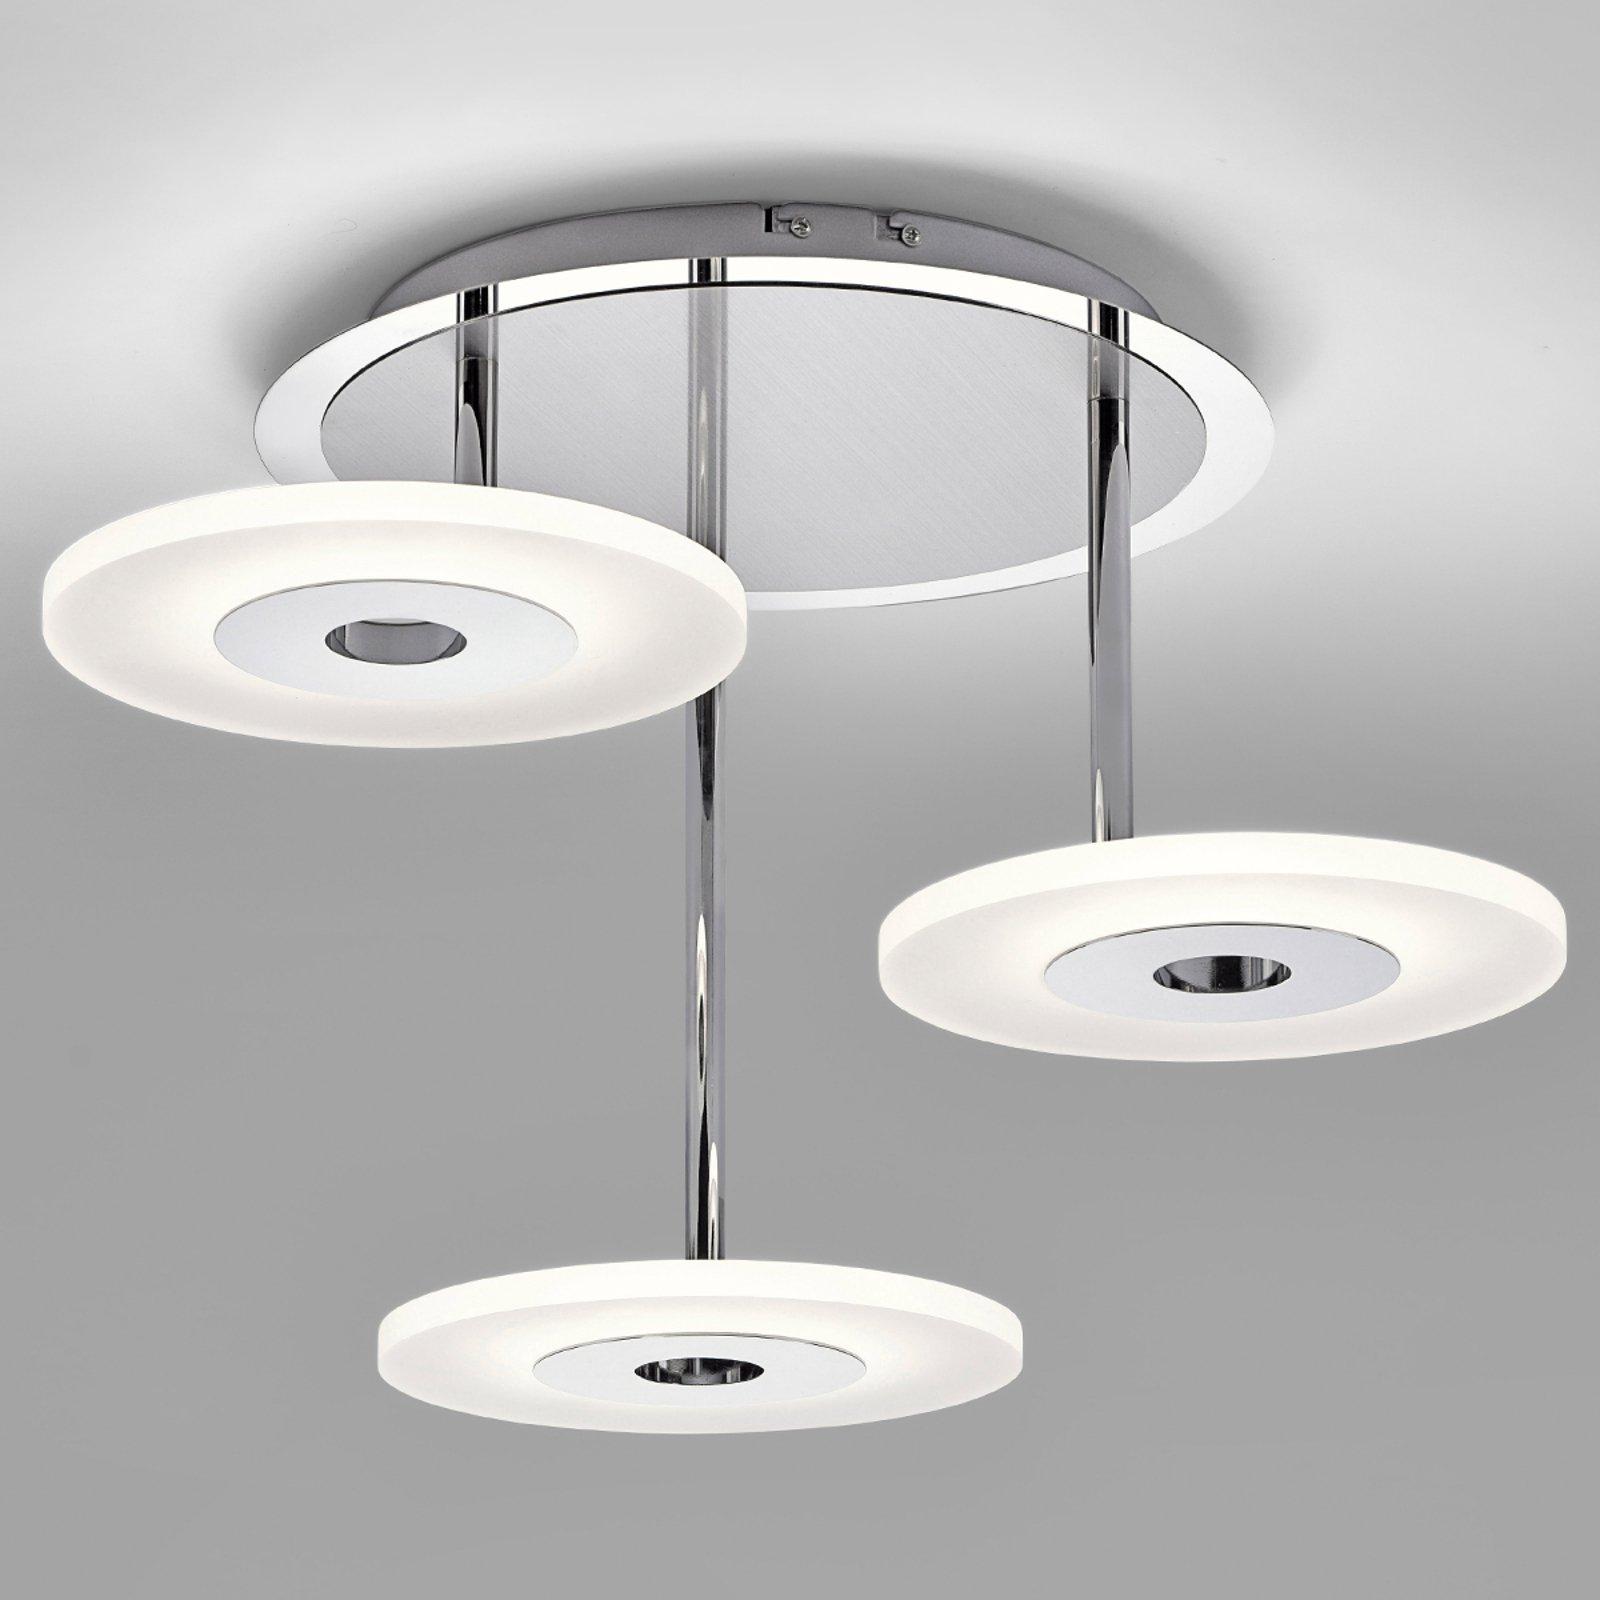 Adali LED-taklampe, dimmes med lysbryter